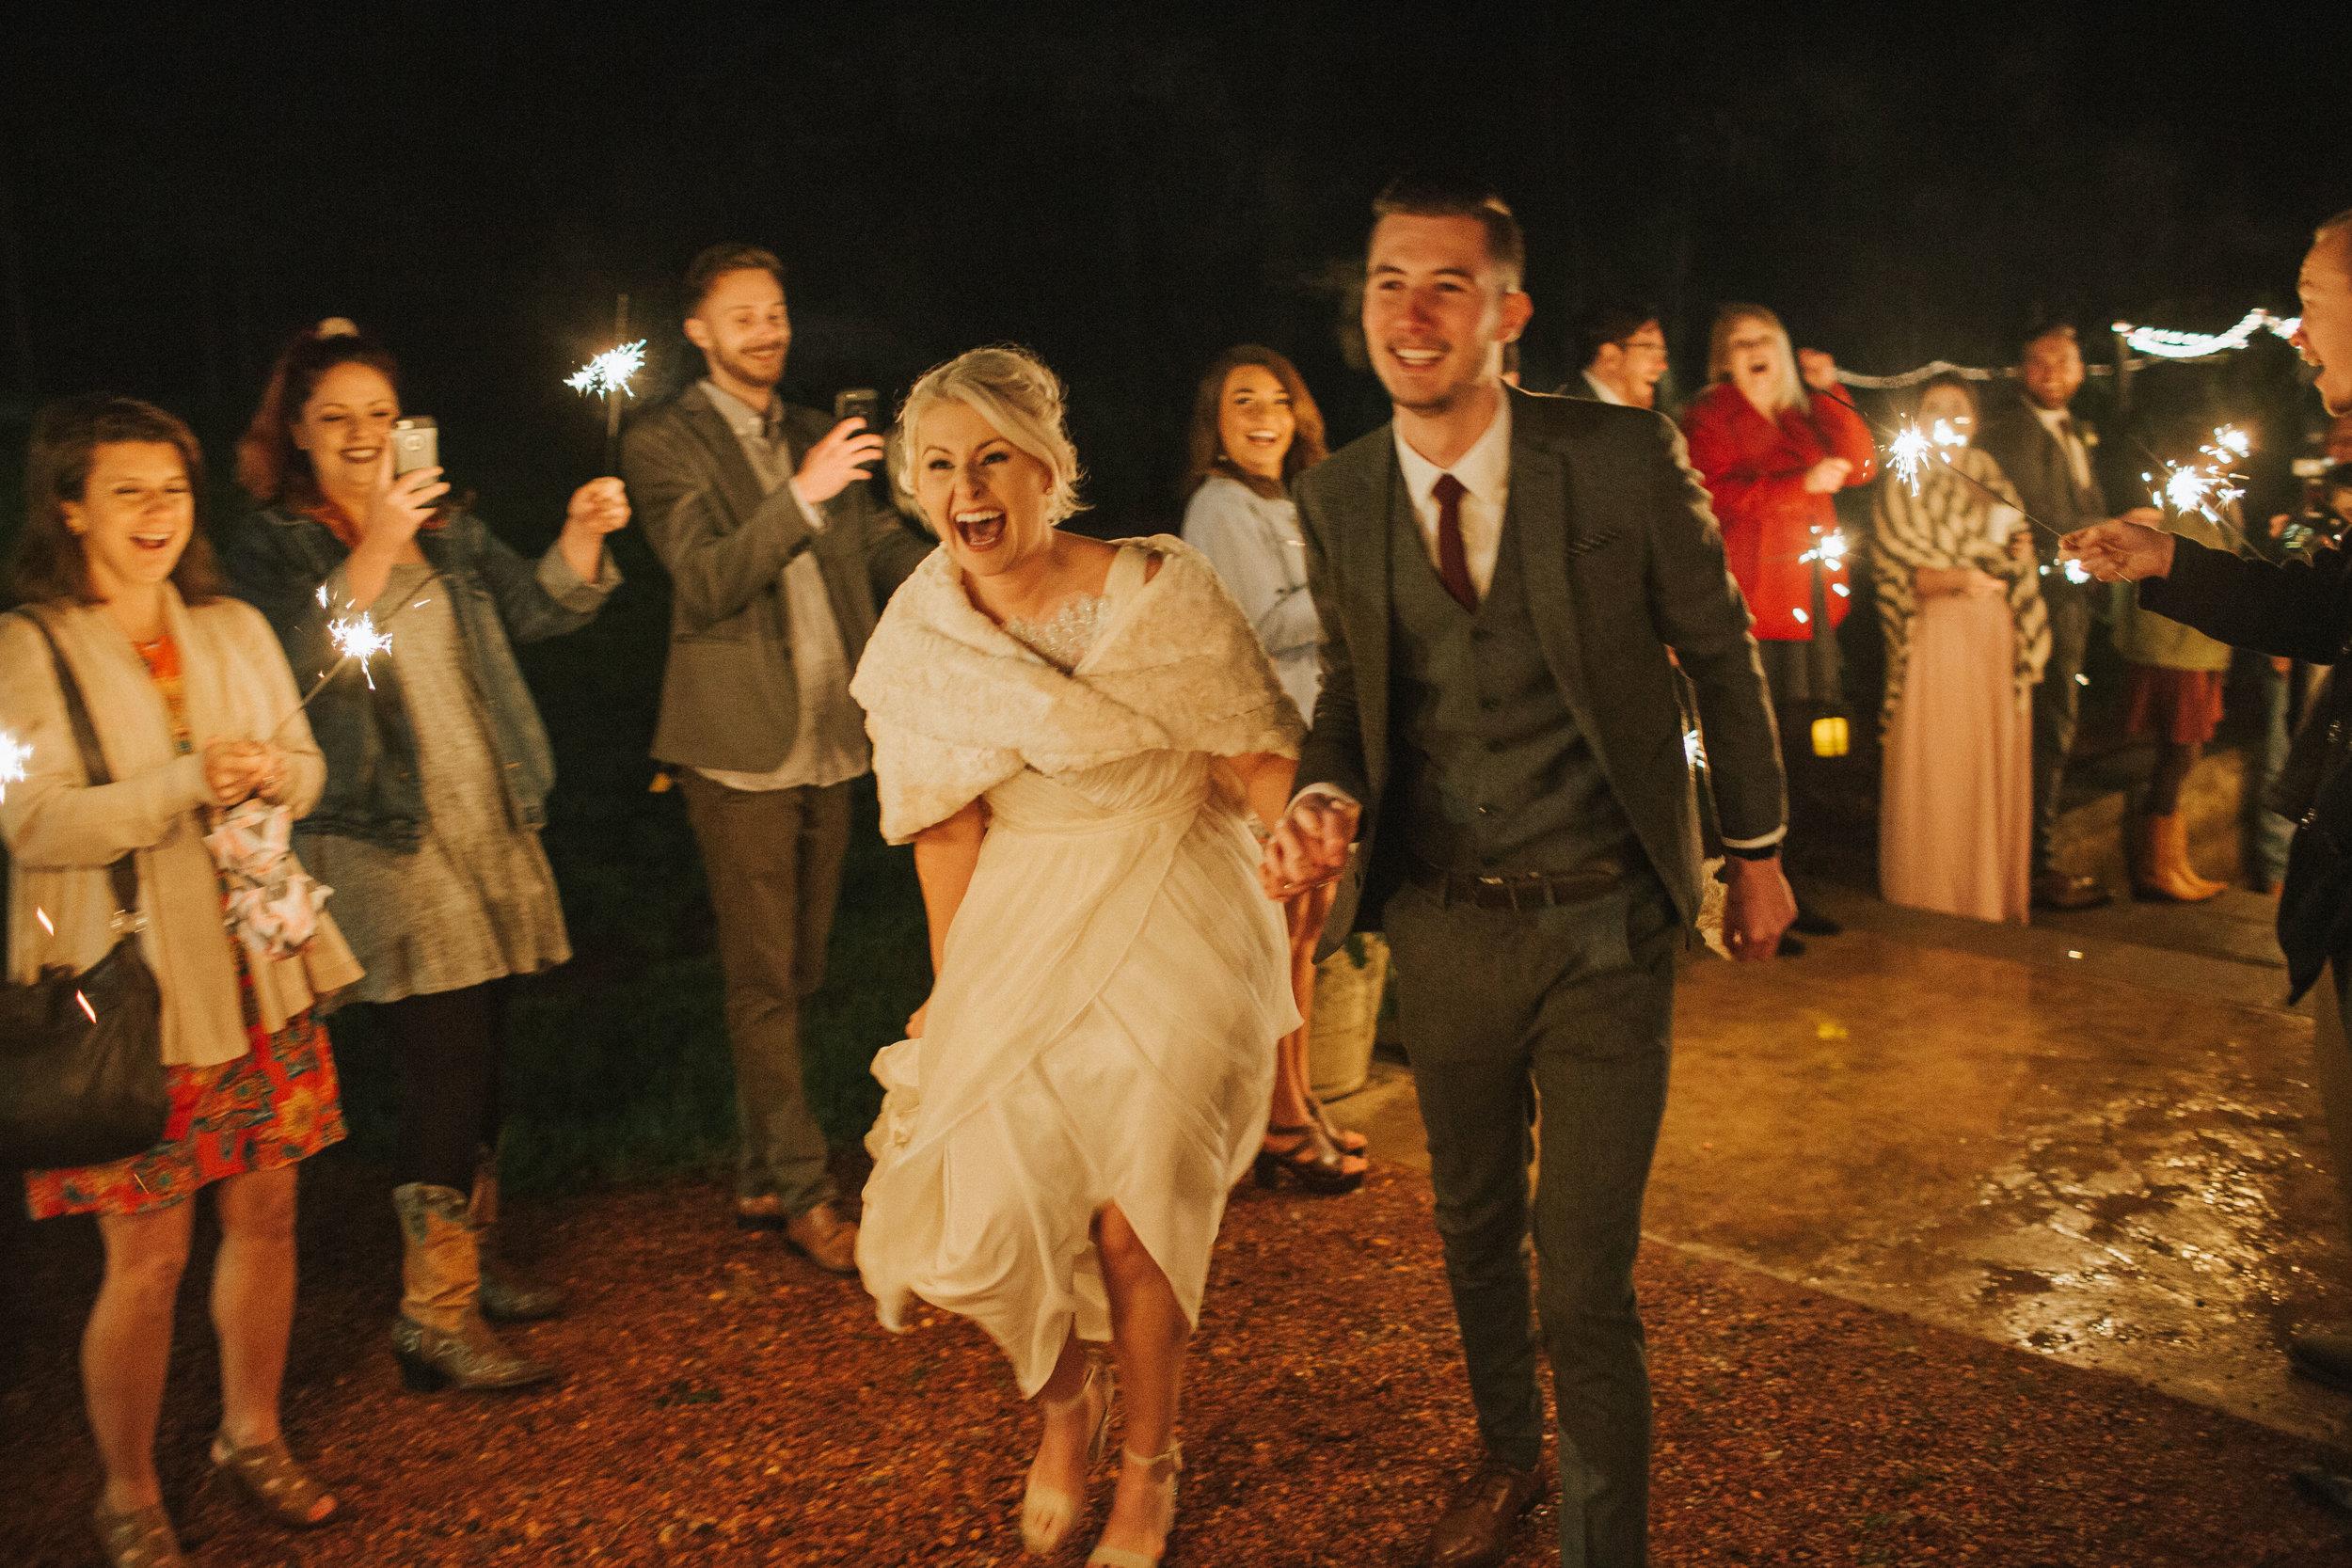 happy couple wedding reception send off